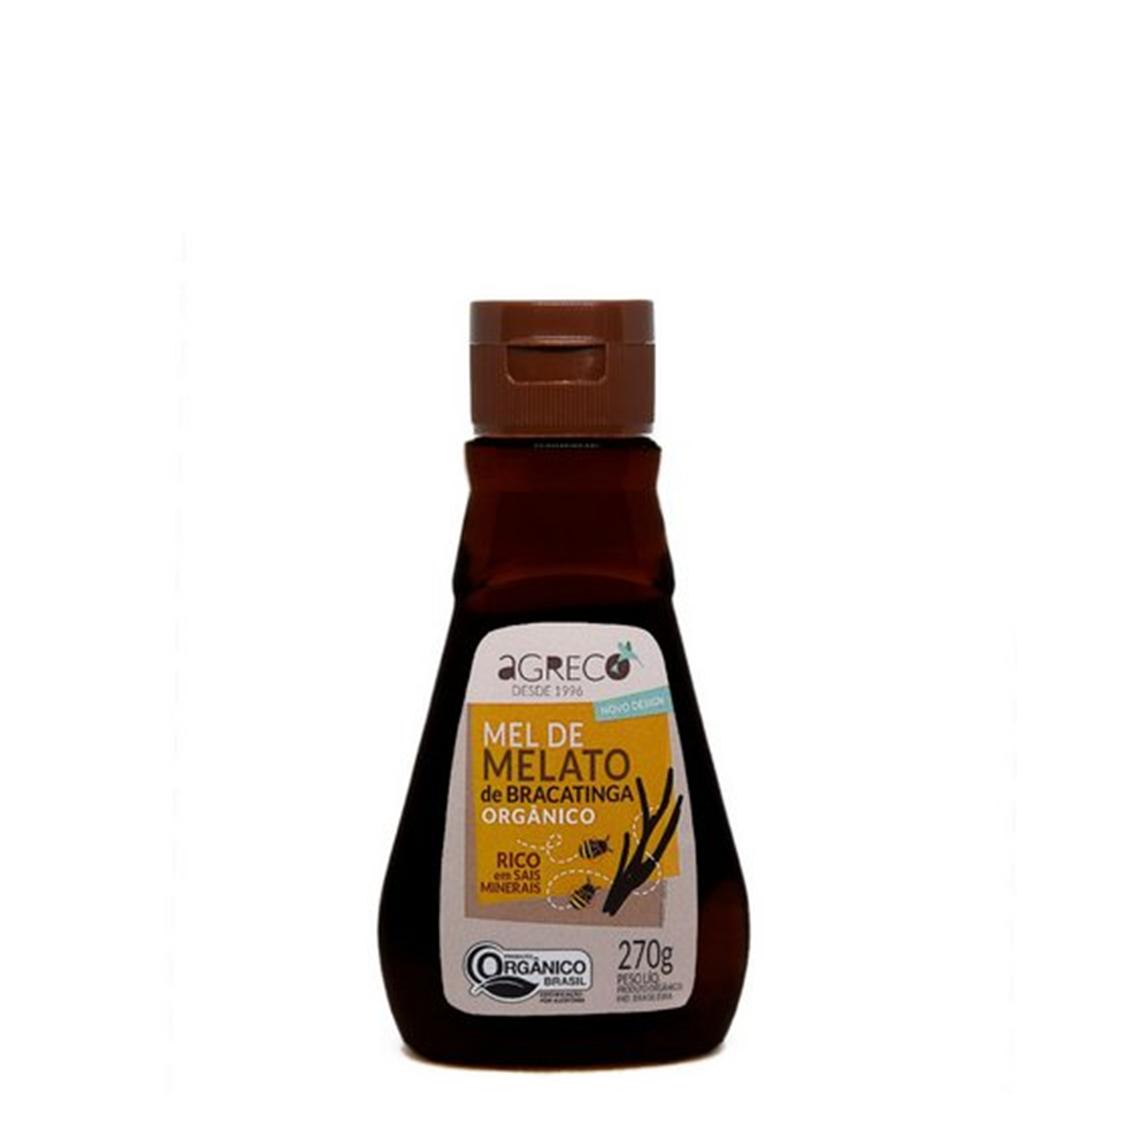 Mel de Melato de Bracatinga – 270g – Agreco